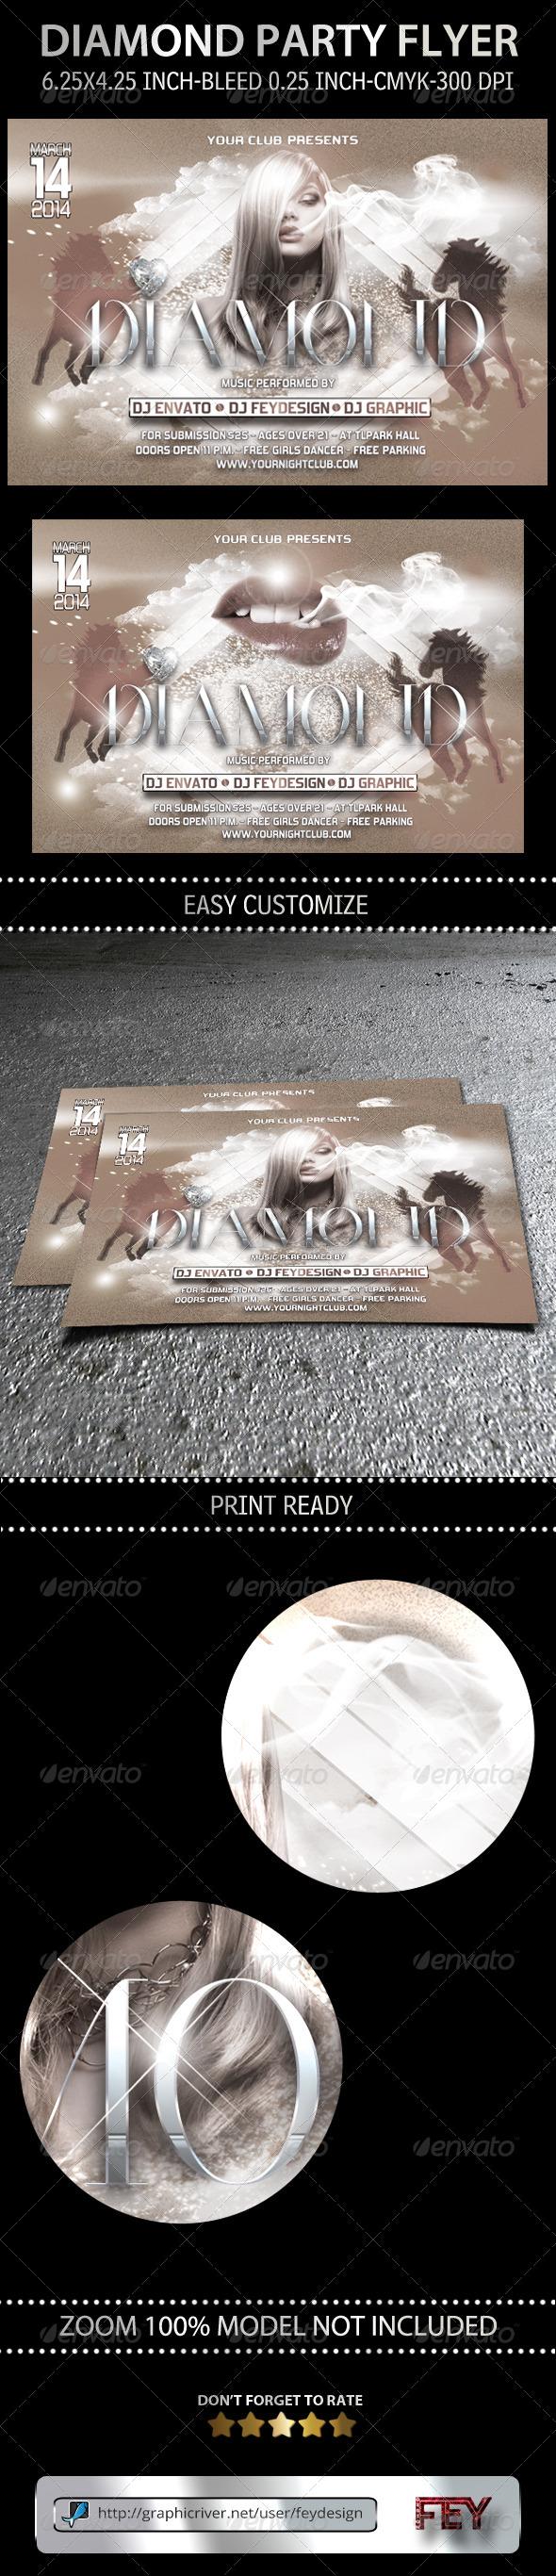 Diamond Party Flyer - Flyers Print Templates